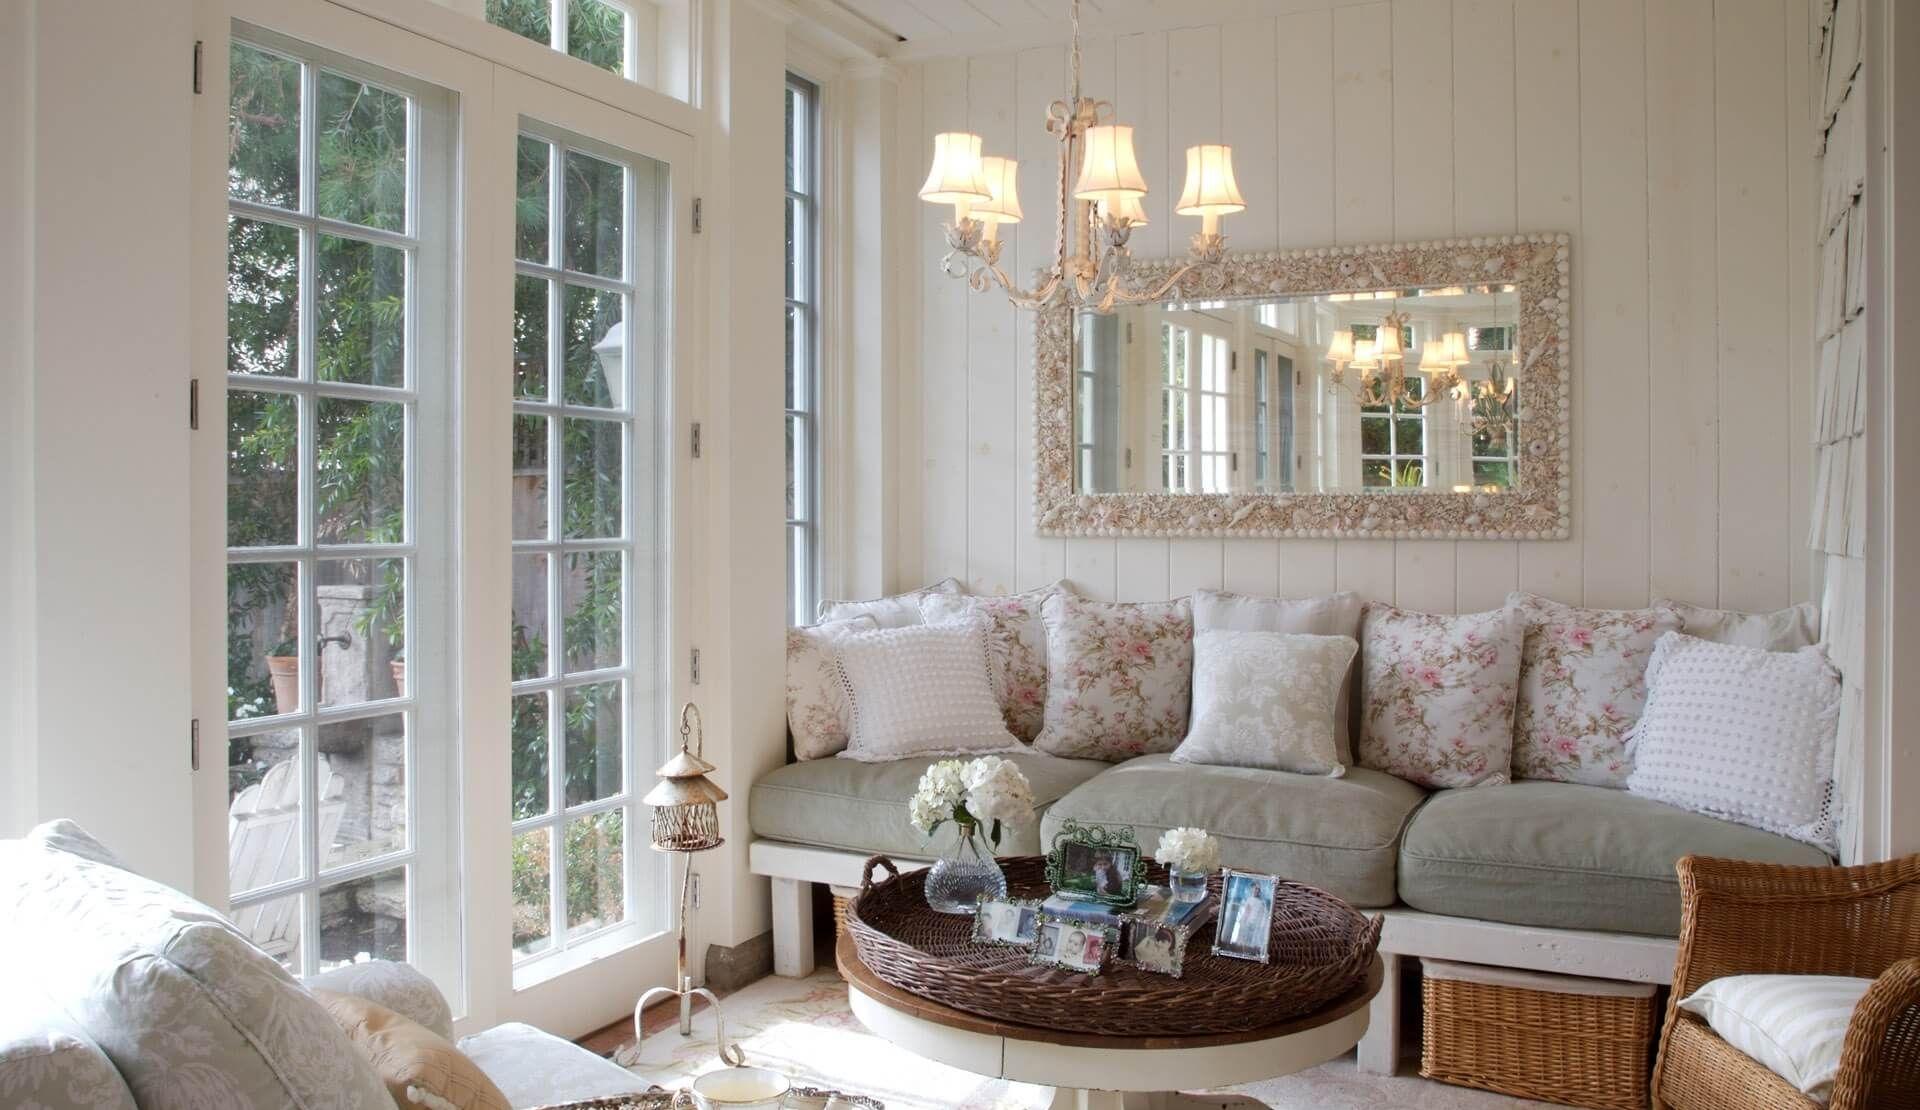 Выкрашенные деревянные стены в стиле прованс